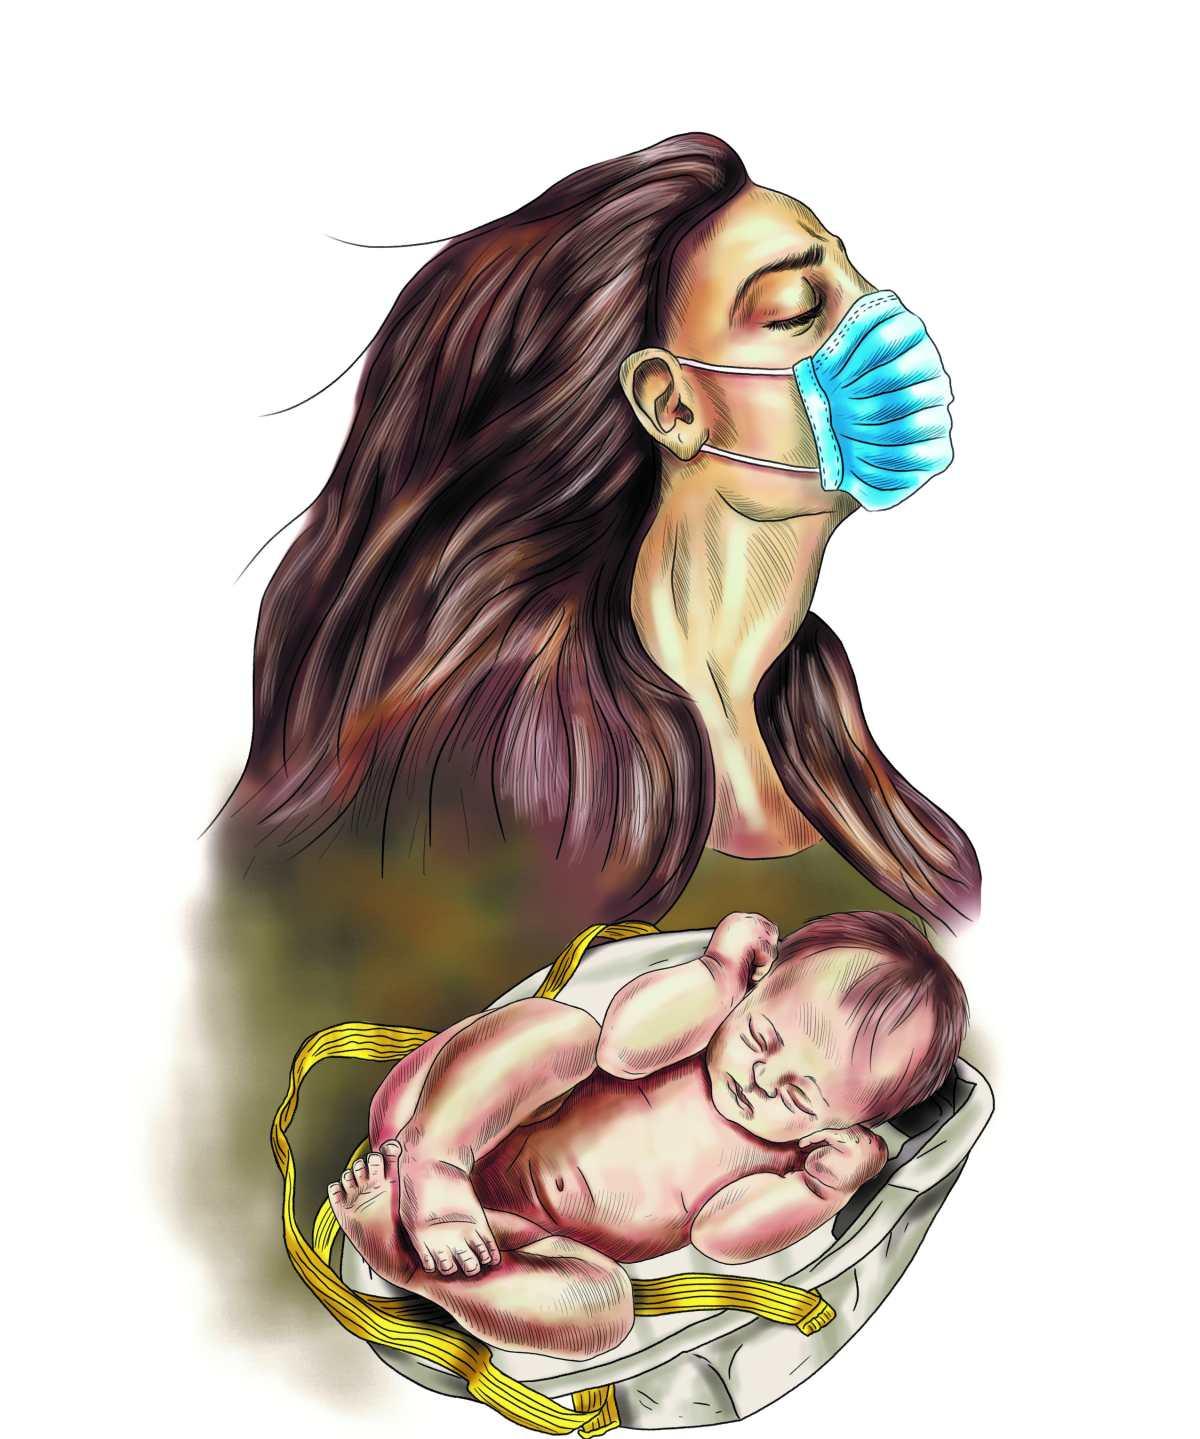 La maternidad en tiempos del covid-19 trae desafíos para prevenir el contagio de la enfermedad. (Foto Prensa Libre: Hemeroteca PL)